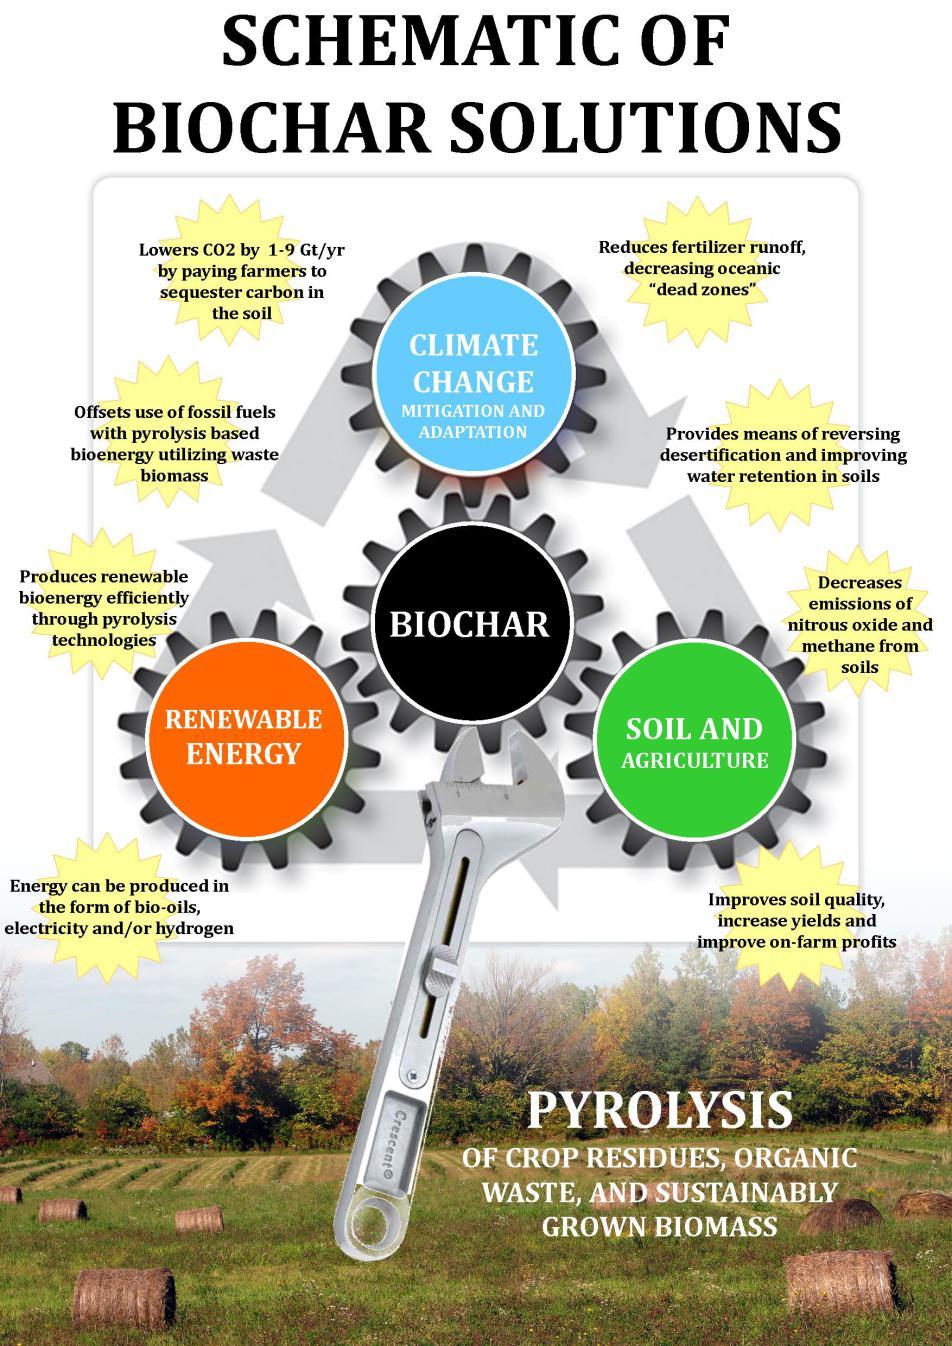 biochar_lever_schematic4